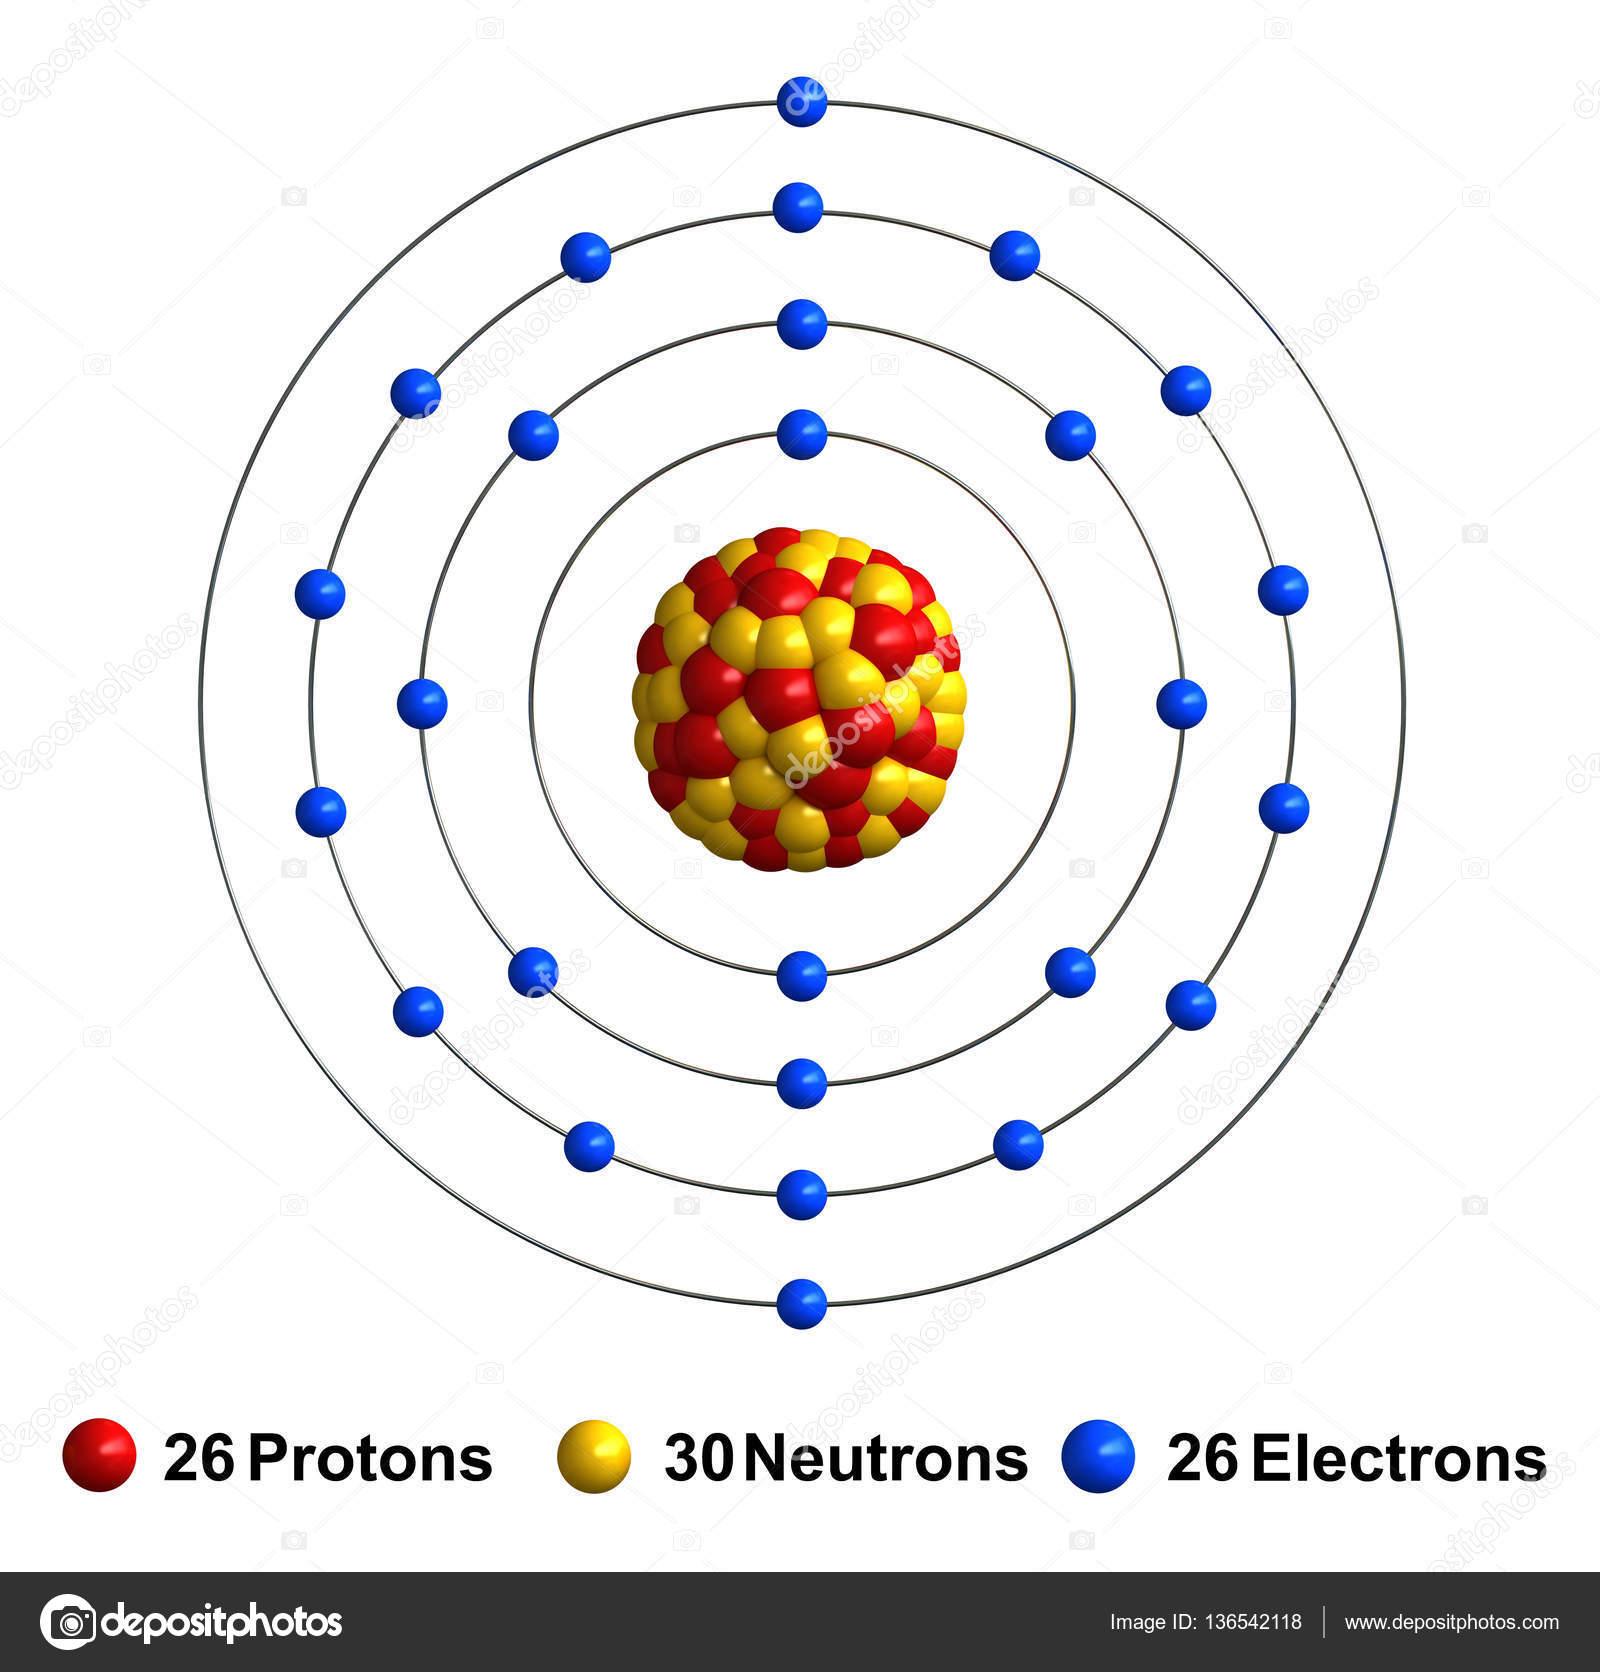 francium atom diagram 3d animal cell alphabet à thème page 2 forum elvenar france